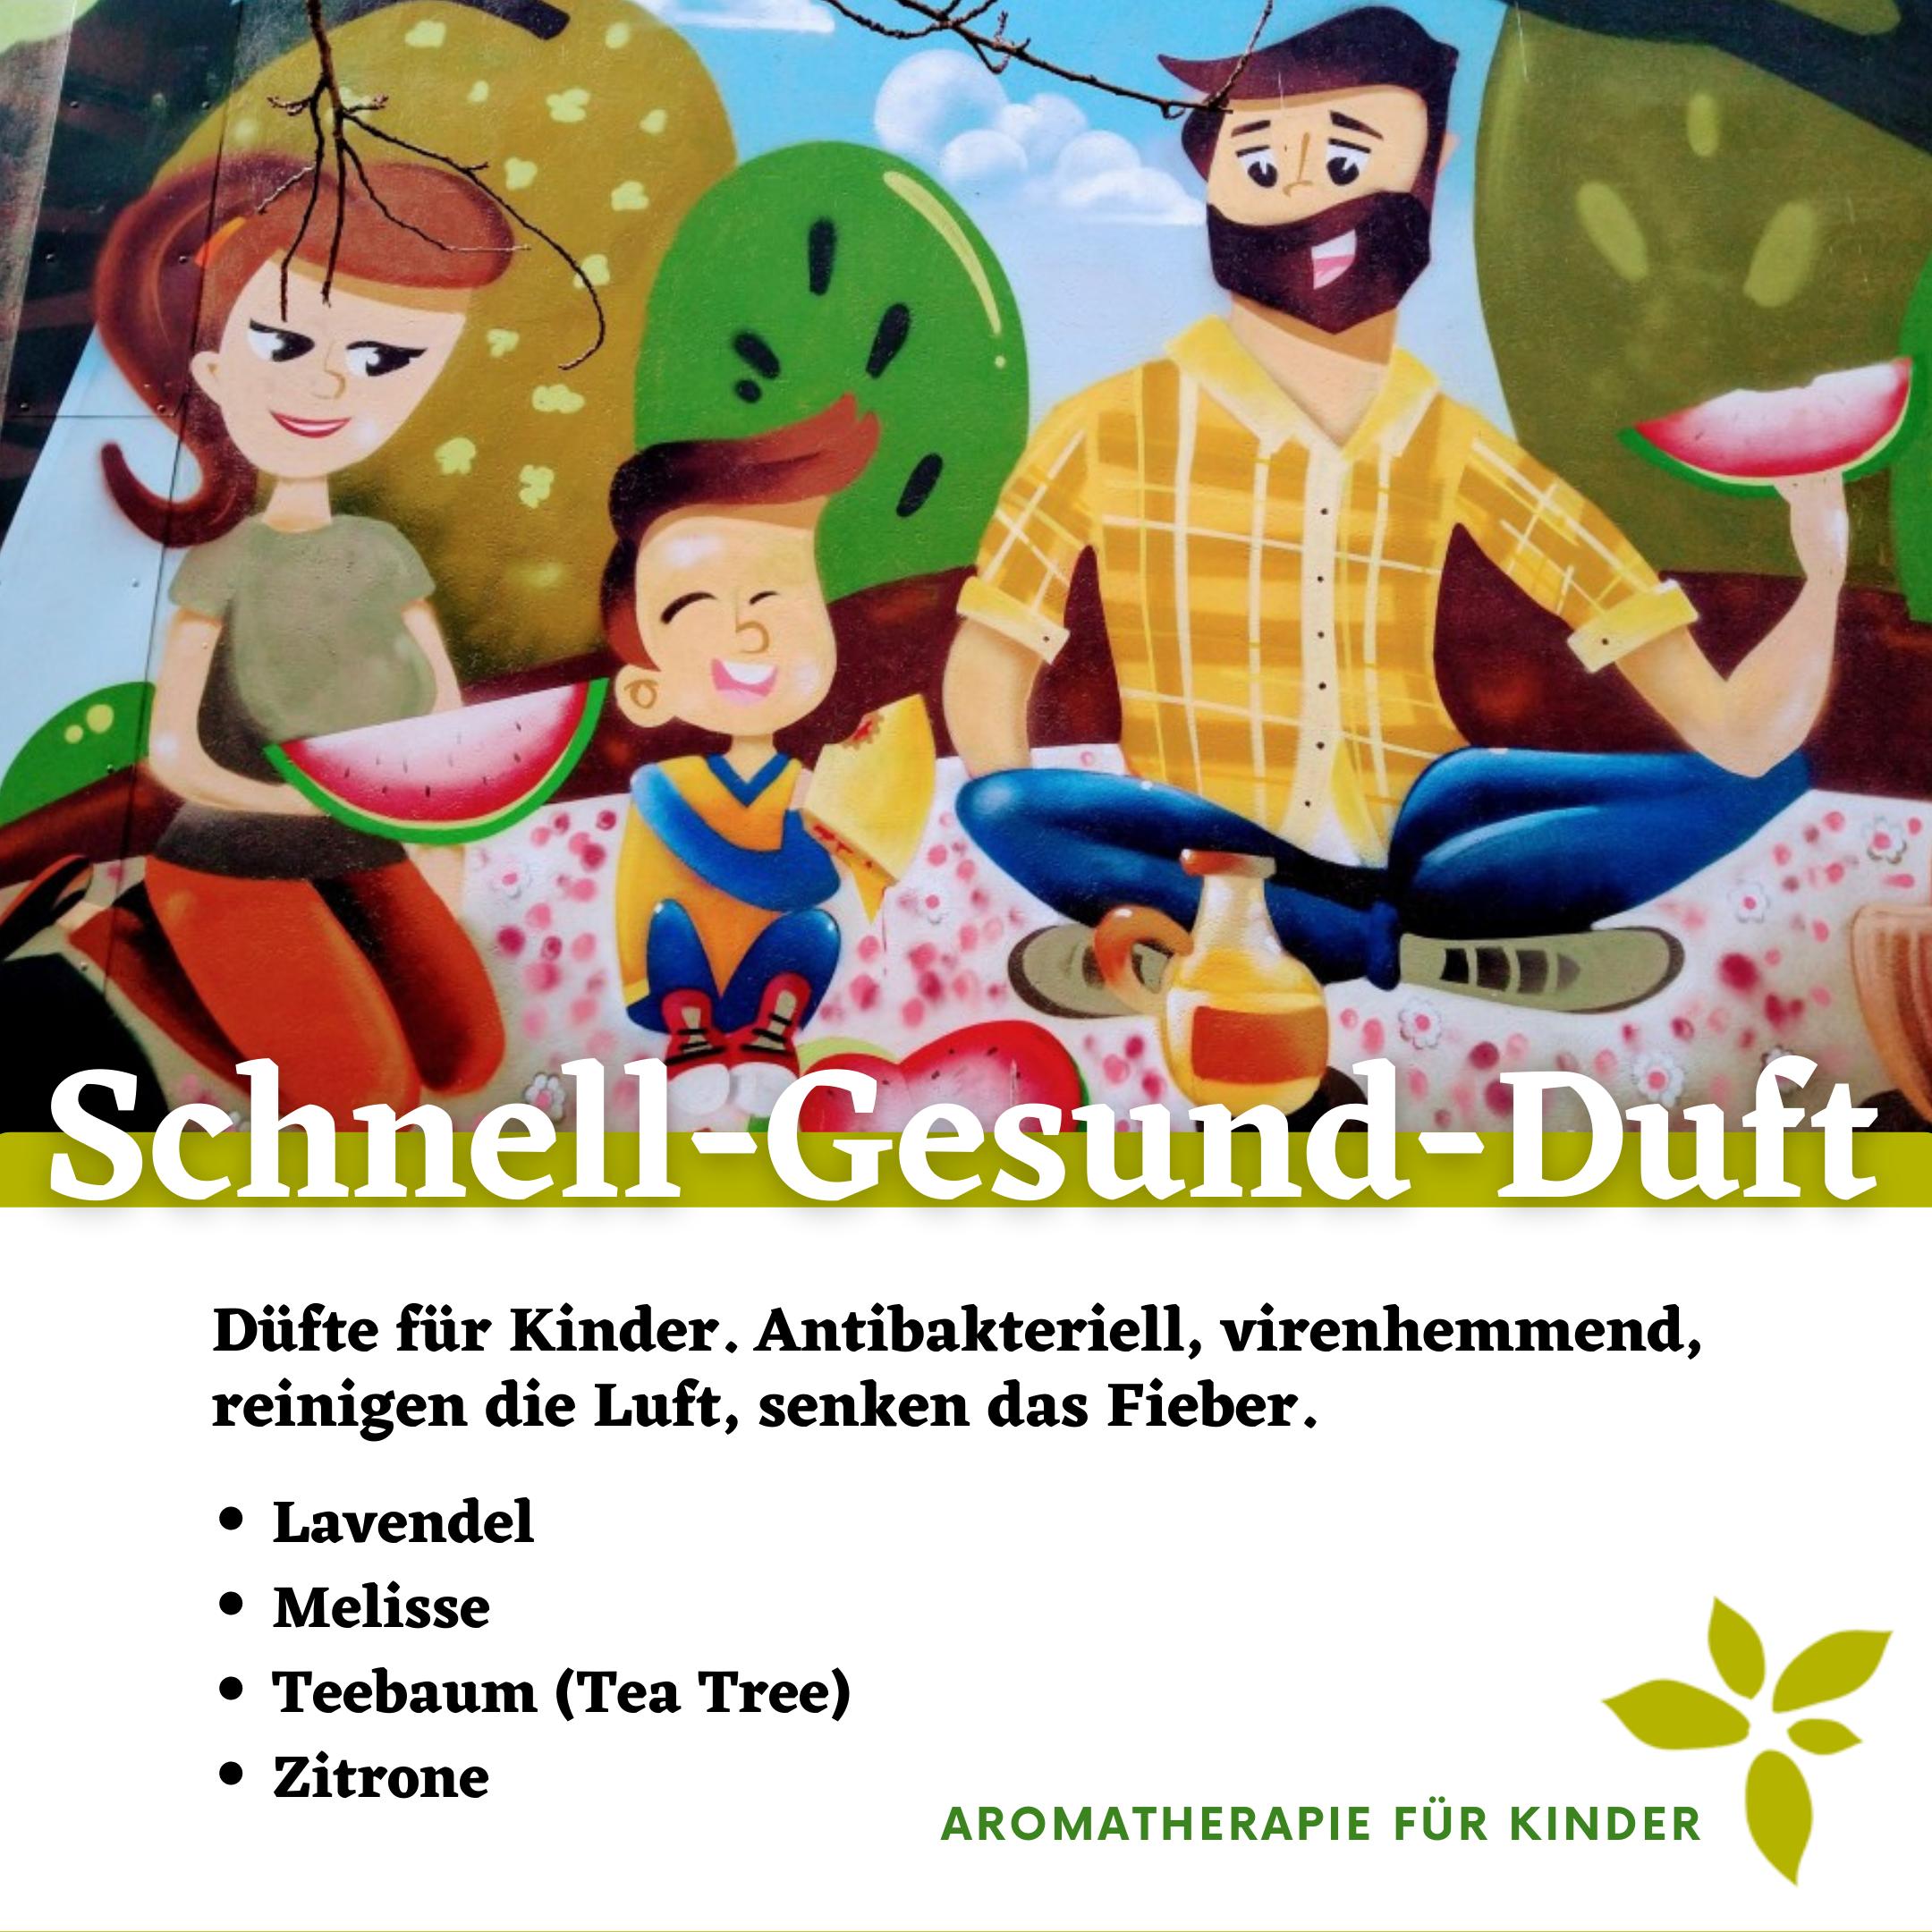 Schnell-Gesund-Duft. Aromatherapie für Kinder.